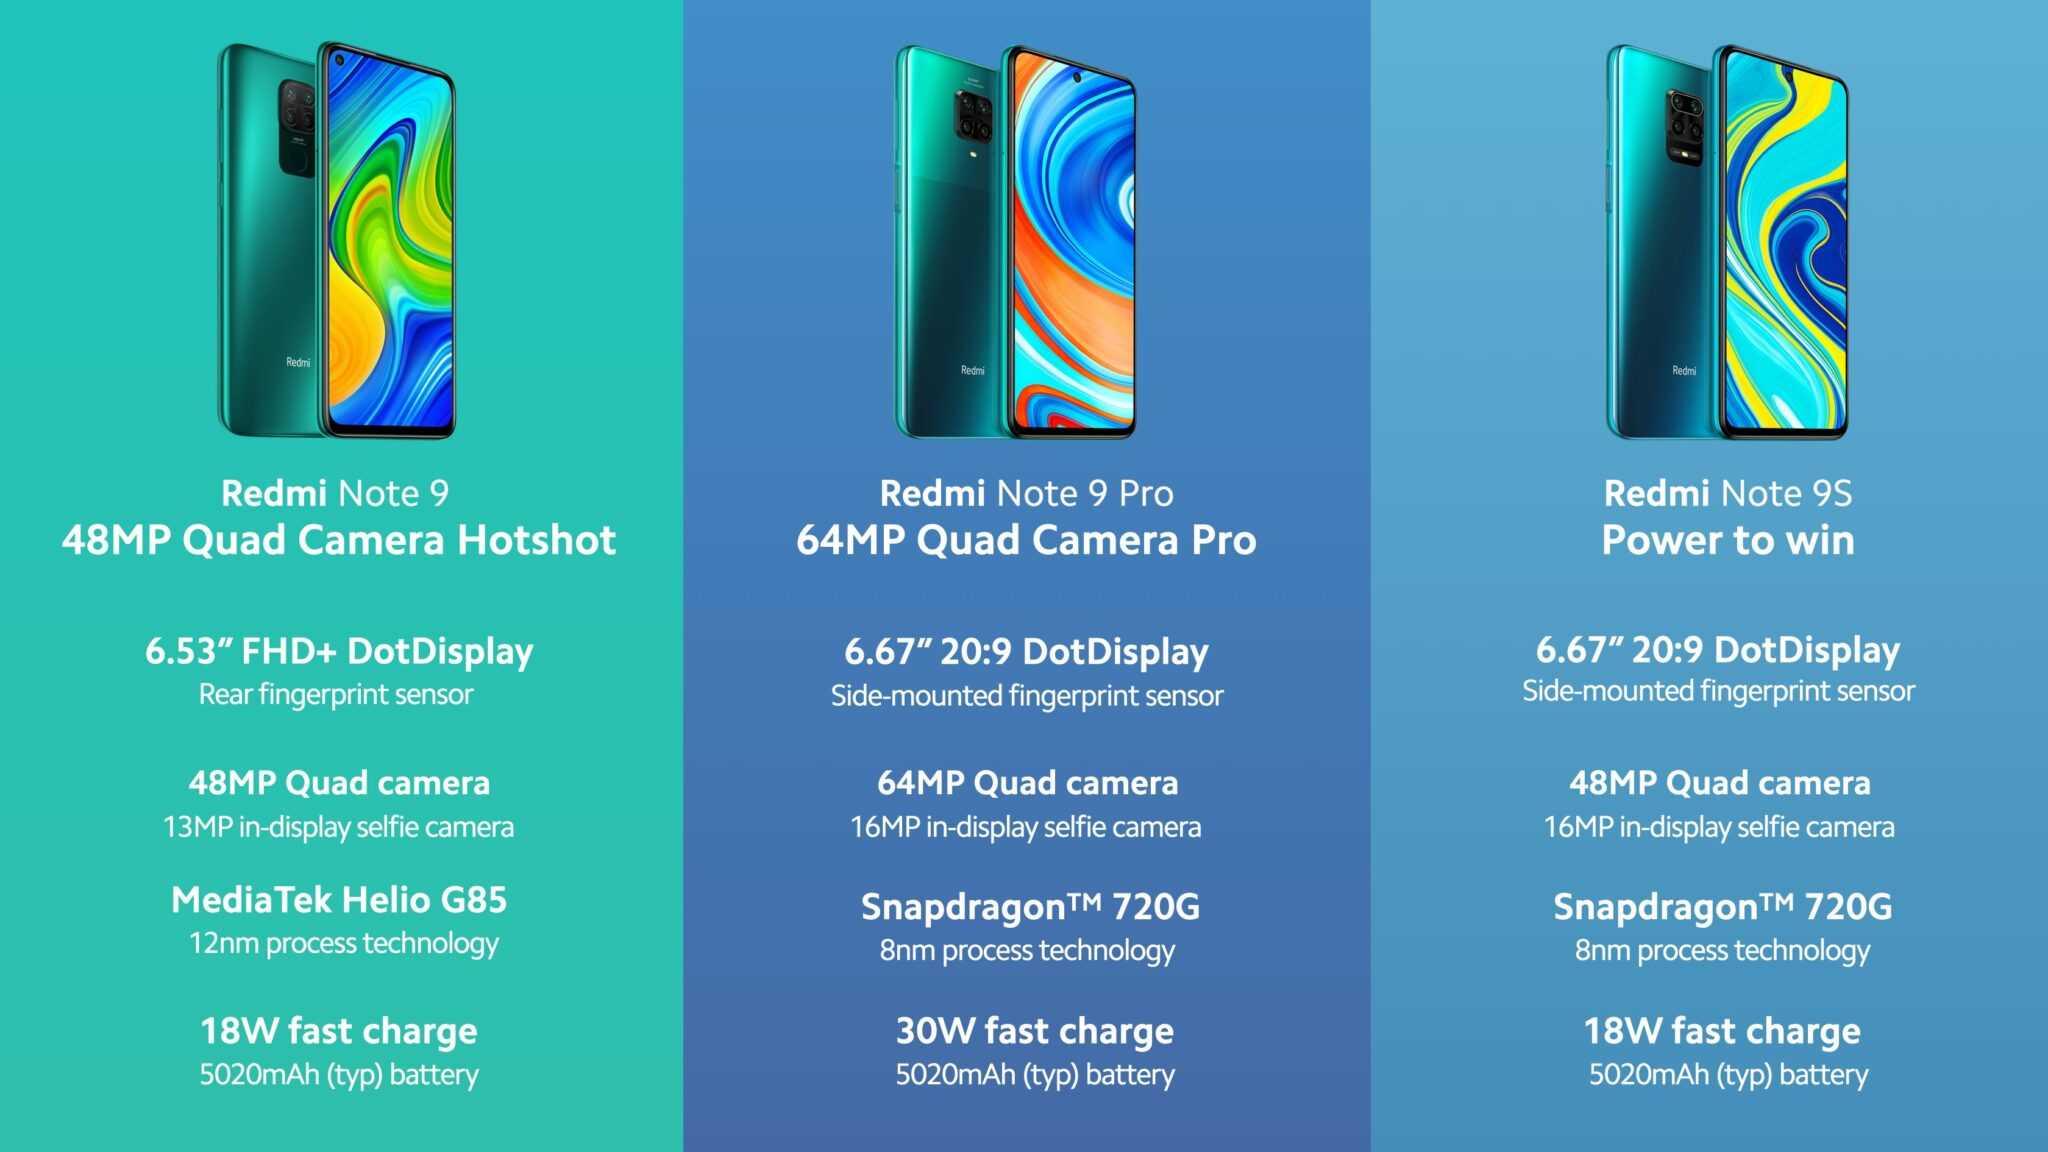 Инсайдер из Поднебесной Digital Chat Station вновь поделился интересными теориями на предмет нового смартфона Redmi который должен получить новенький процессор